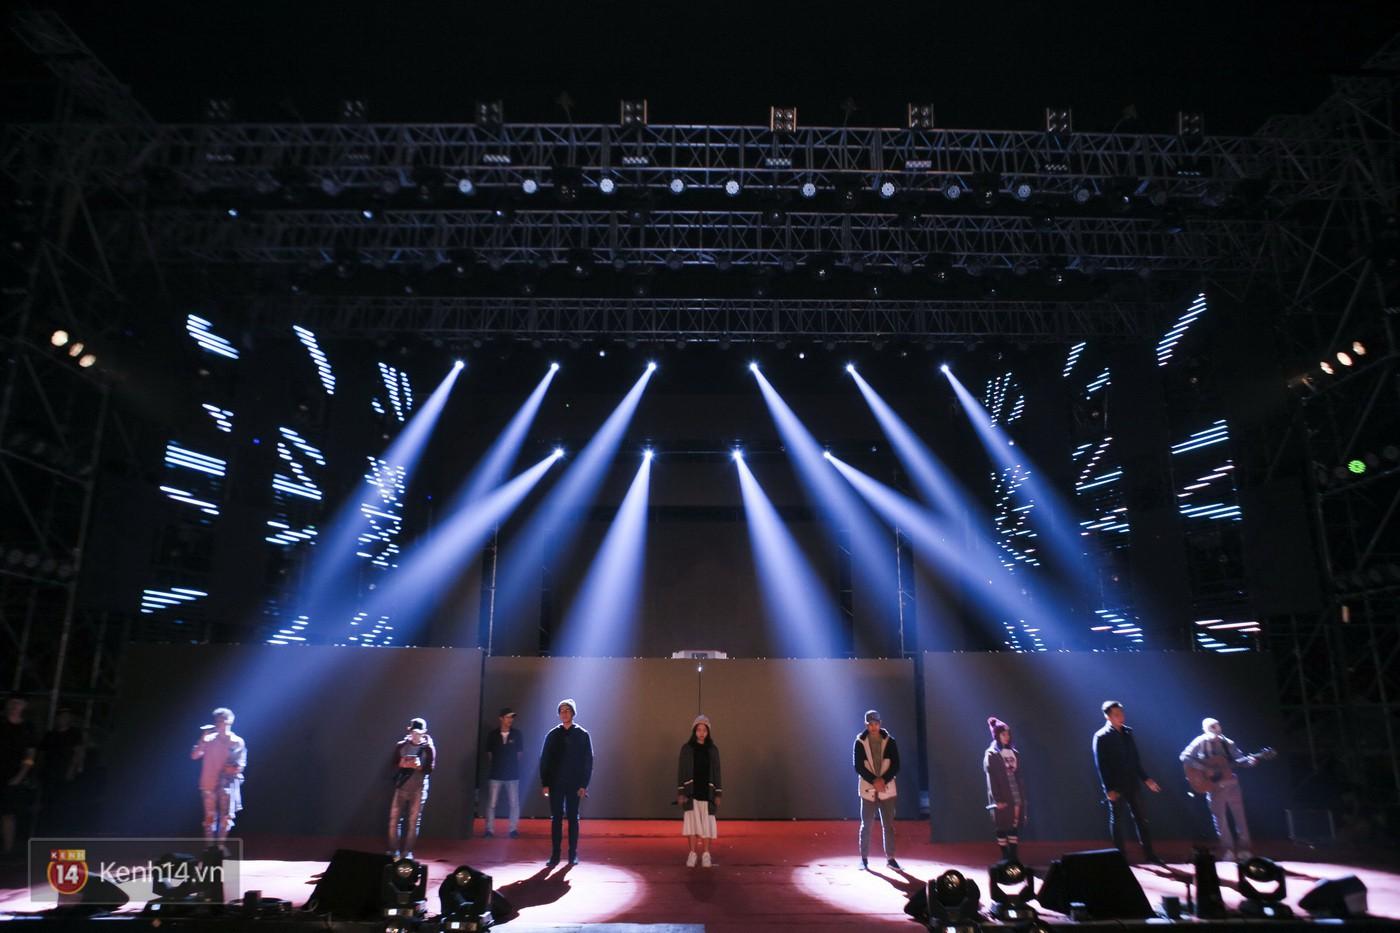 Noo Phước Thịnh tập trung cao độ cho buổi tổng duyệt chính thức trước thềm liveshow kỉ niệm 9 năm ca hát - Ảnh 13.